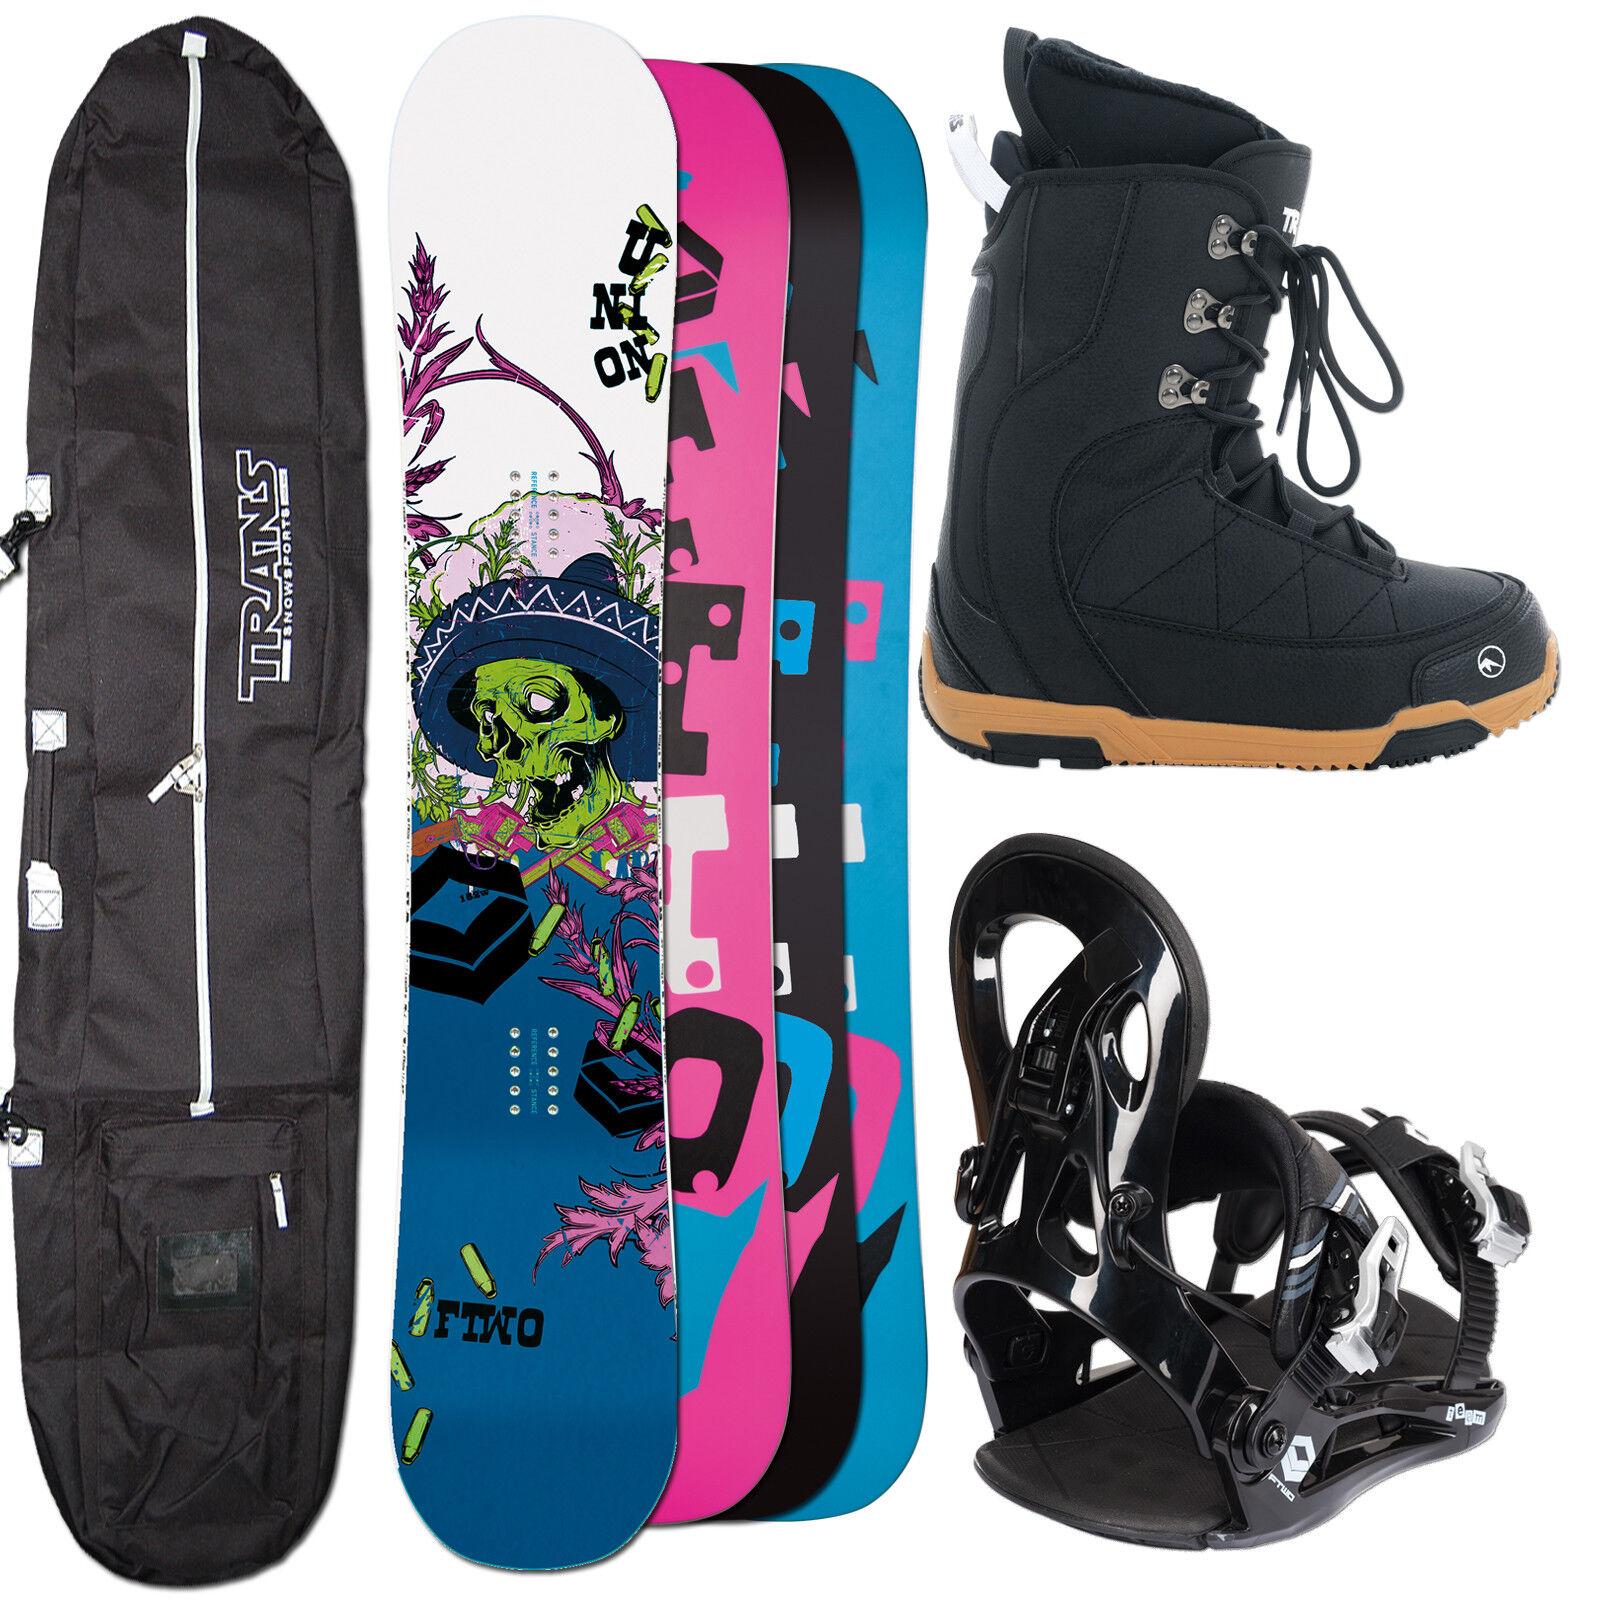 Hombres Snowboard Set Ftwo Unión 157cm Ancho + Fastec Fijación XL + botas +